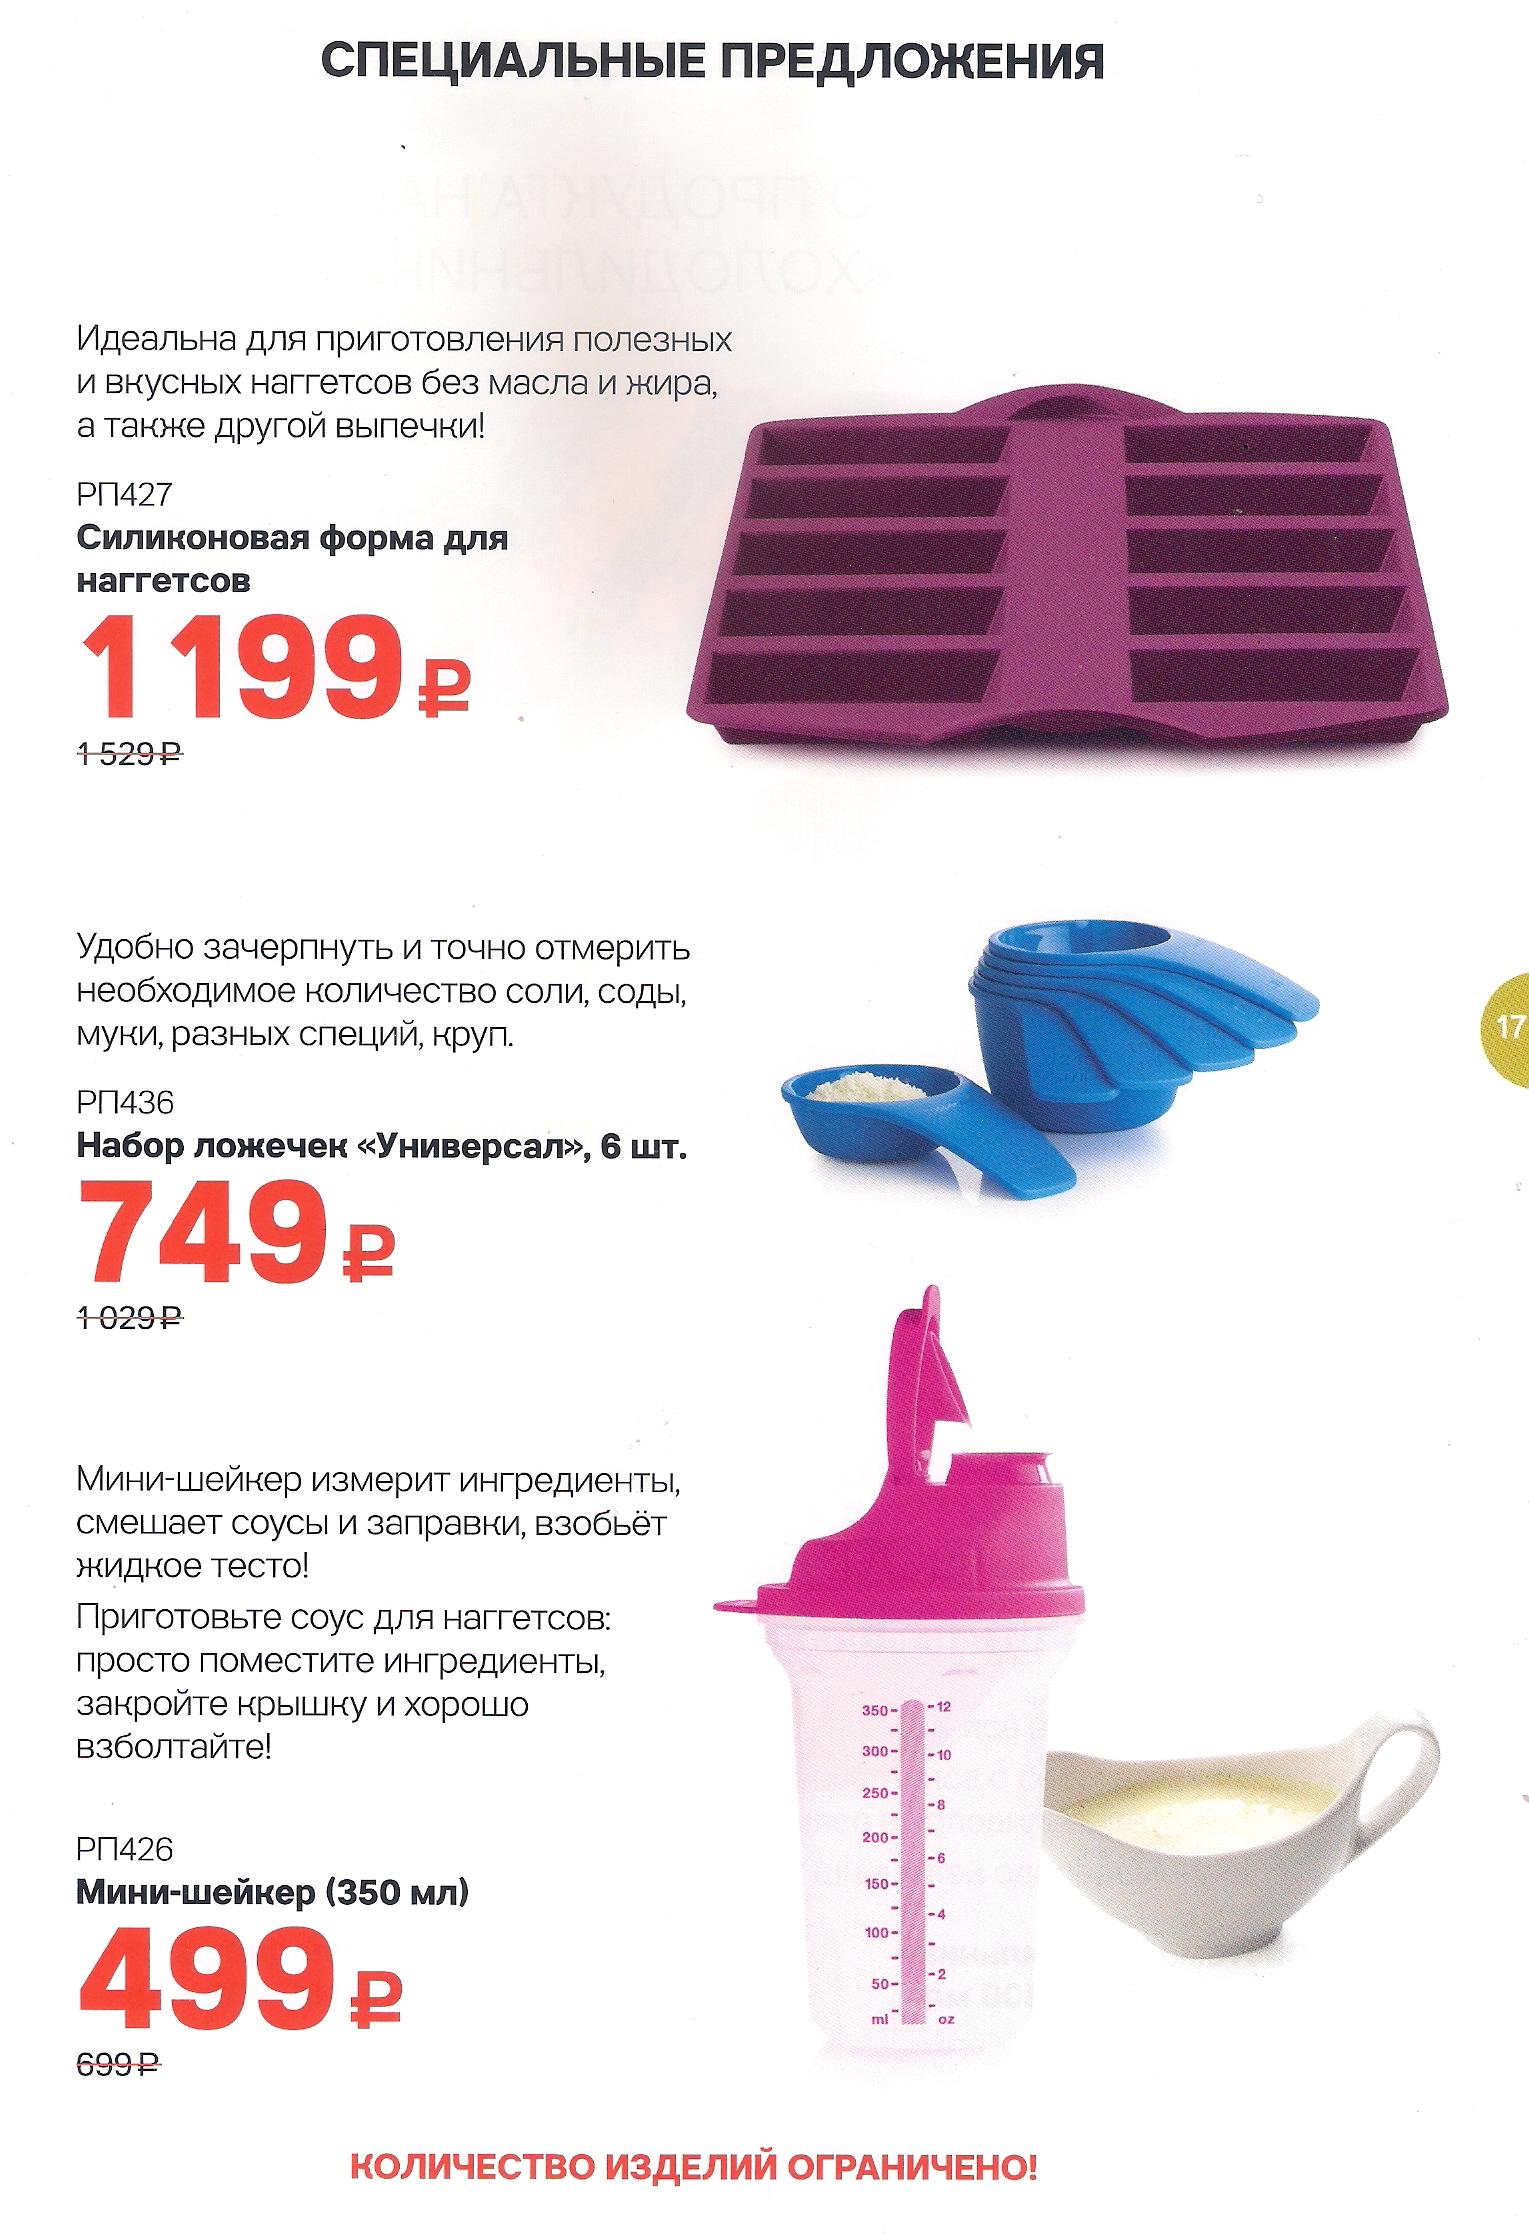 http://tupperware-online.ru/images/upload/15p.jpg